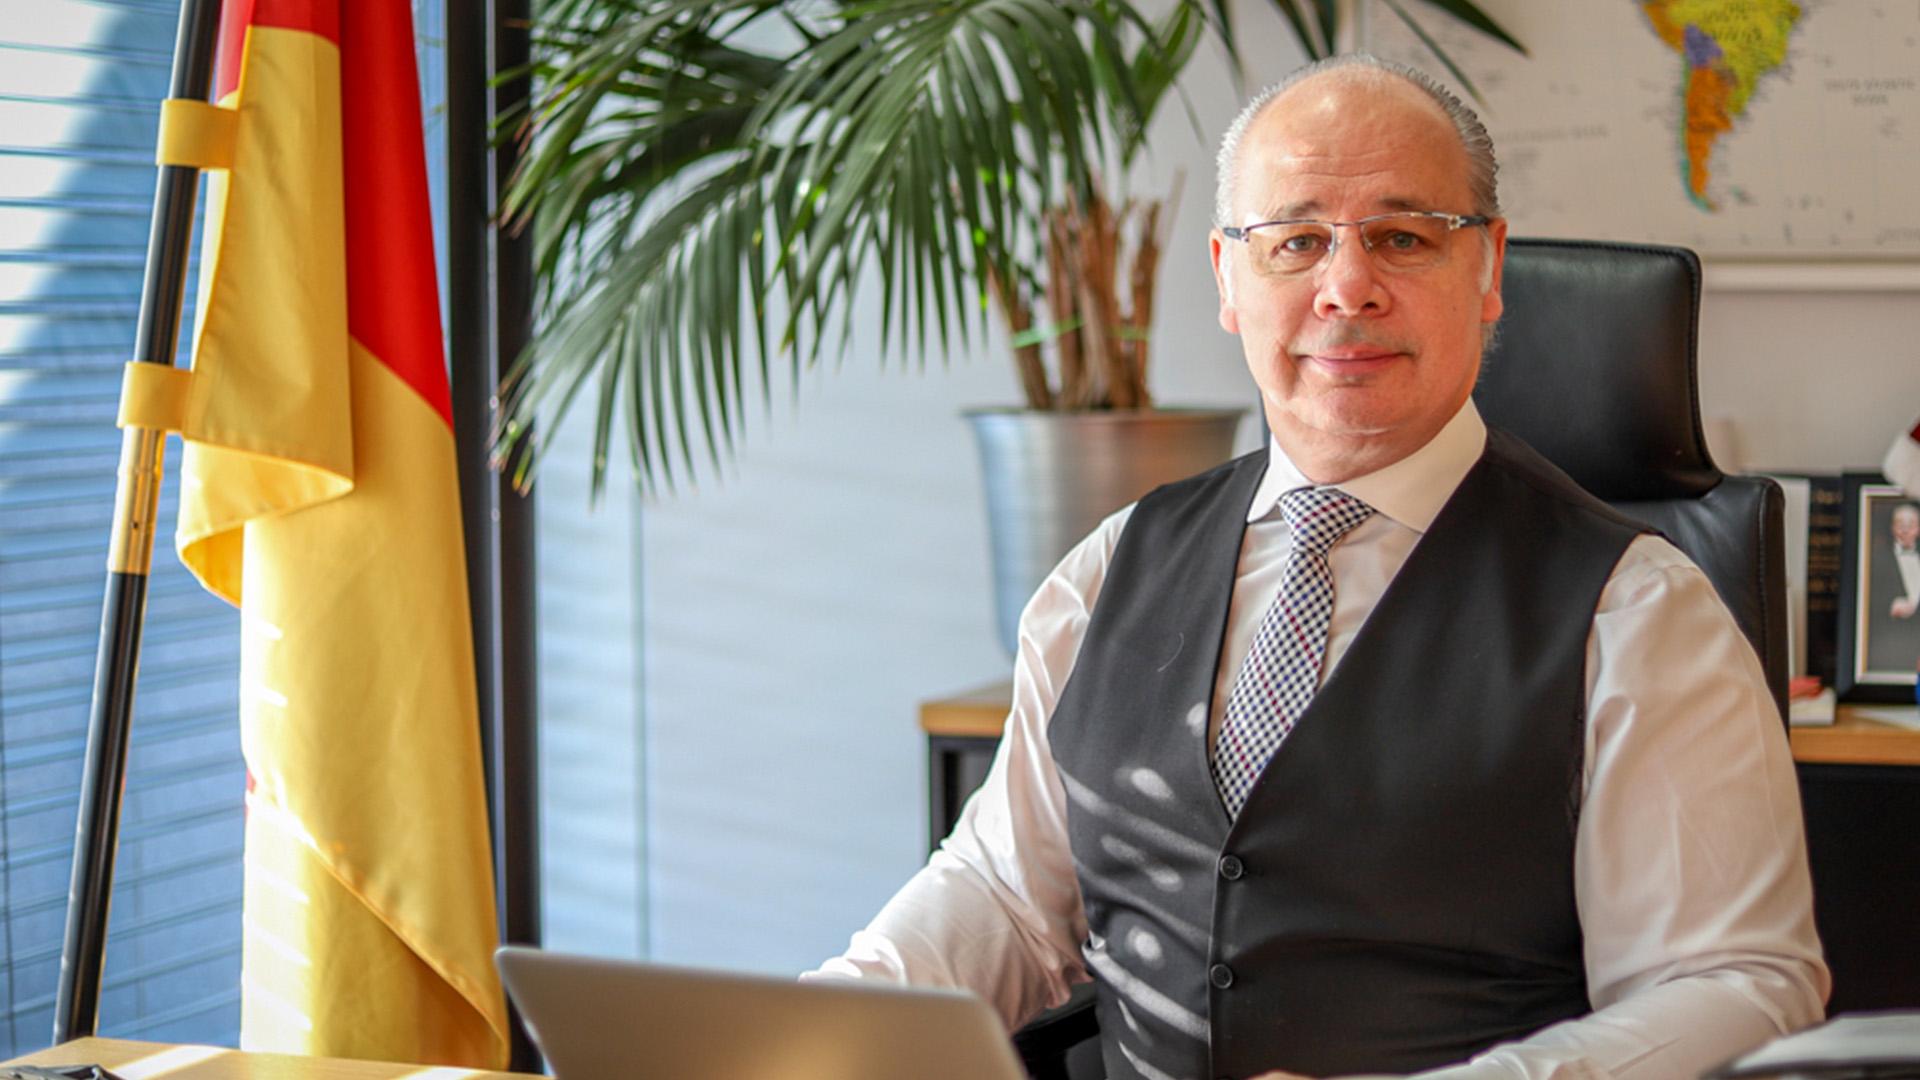 20kw14 Dr. Georg Kippels am Tisch 1144